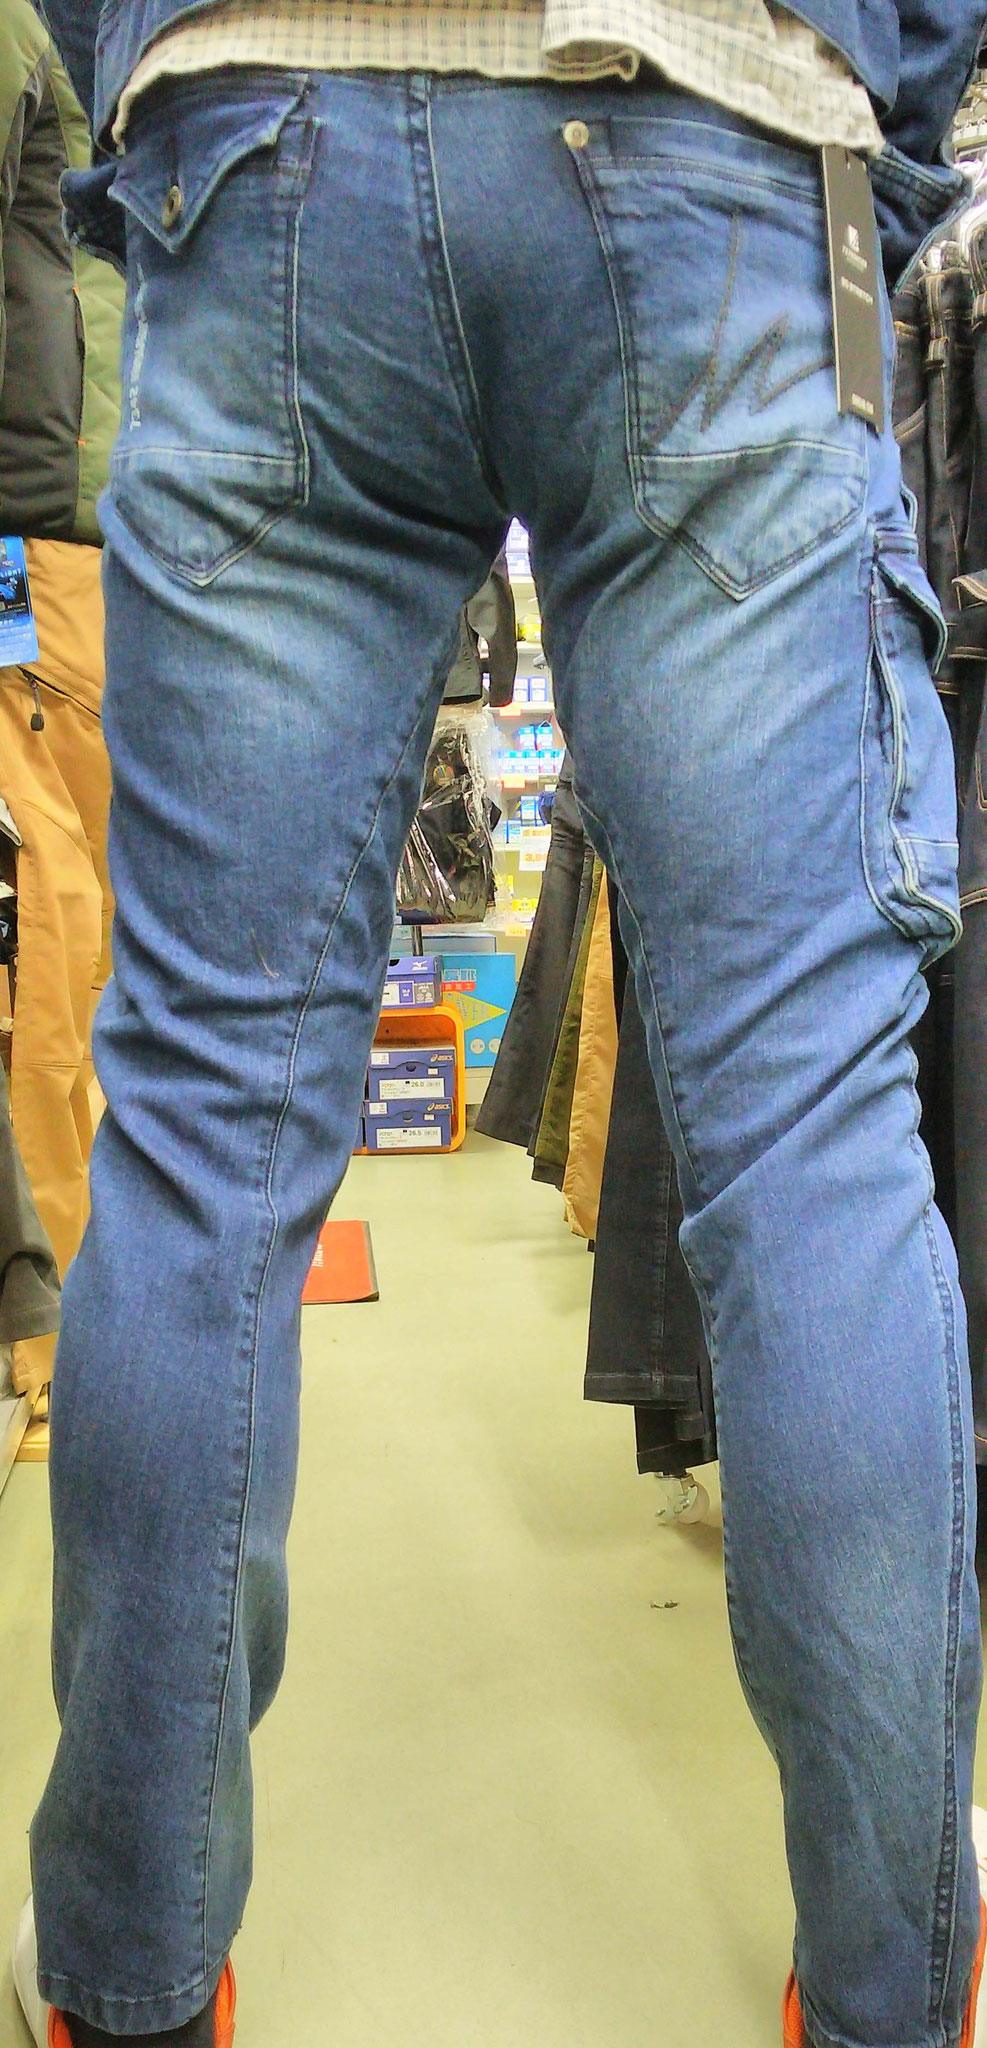 I'Z FRONTIER 7340 SERIES ~アイズフロンティア~ 履いてみました。足にかけて細身のシルエットですね。